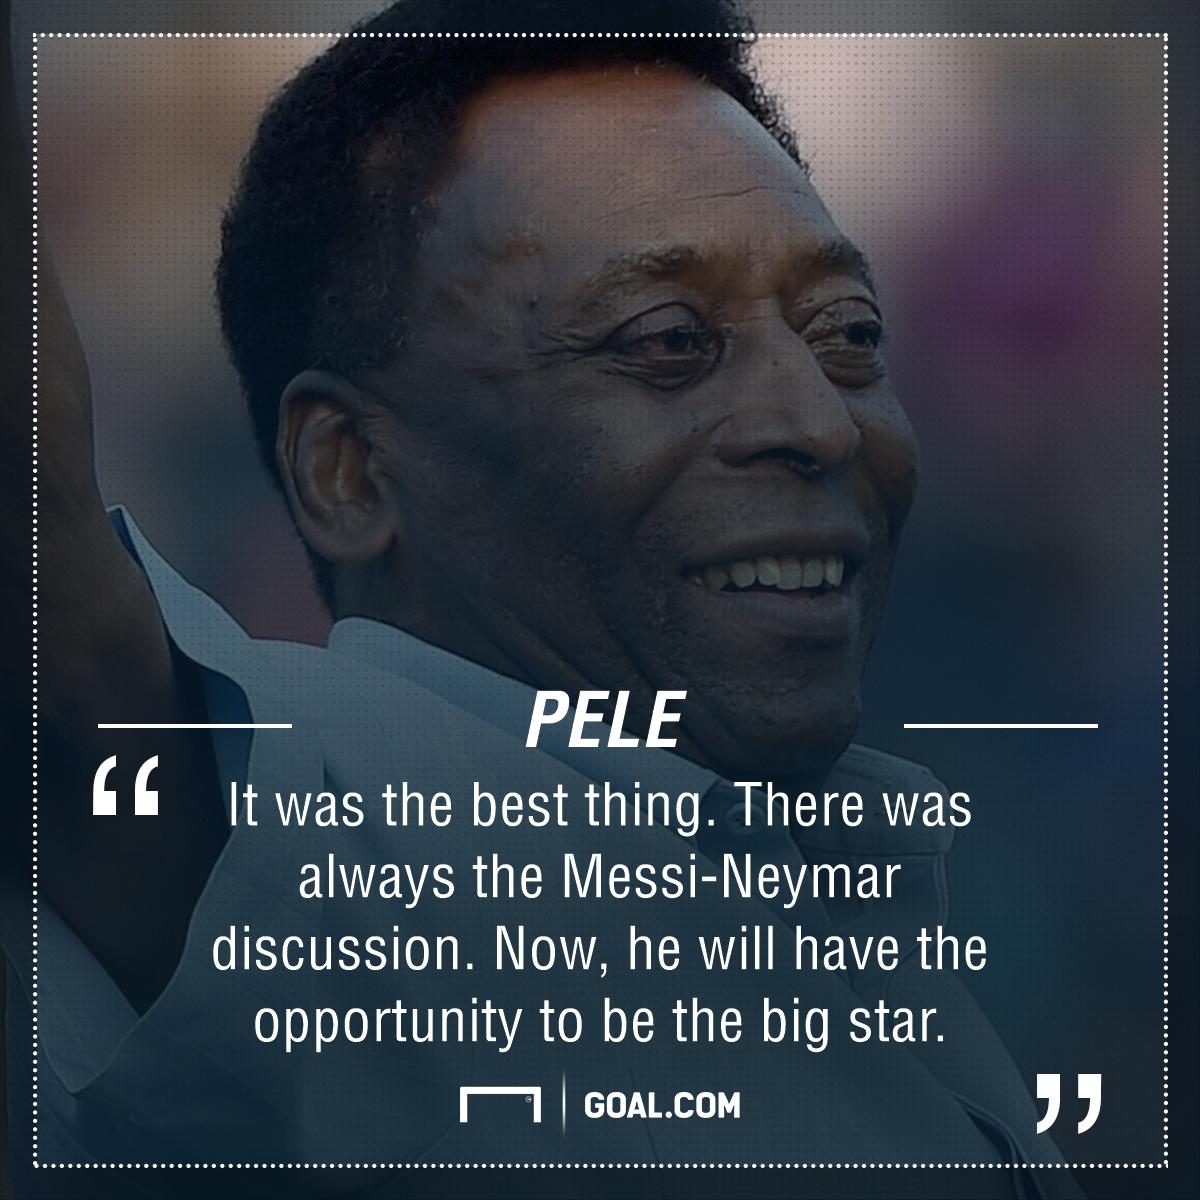 Pele Neymar quote